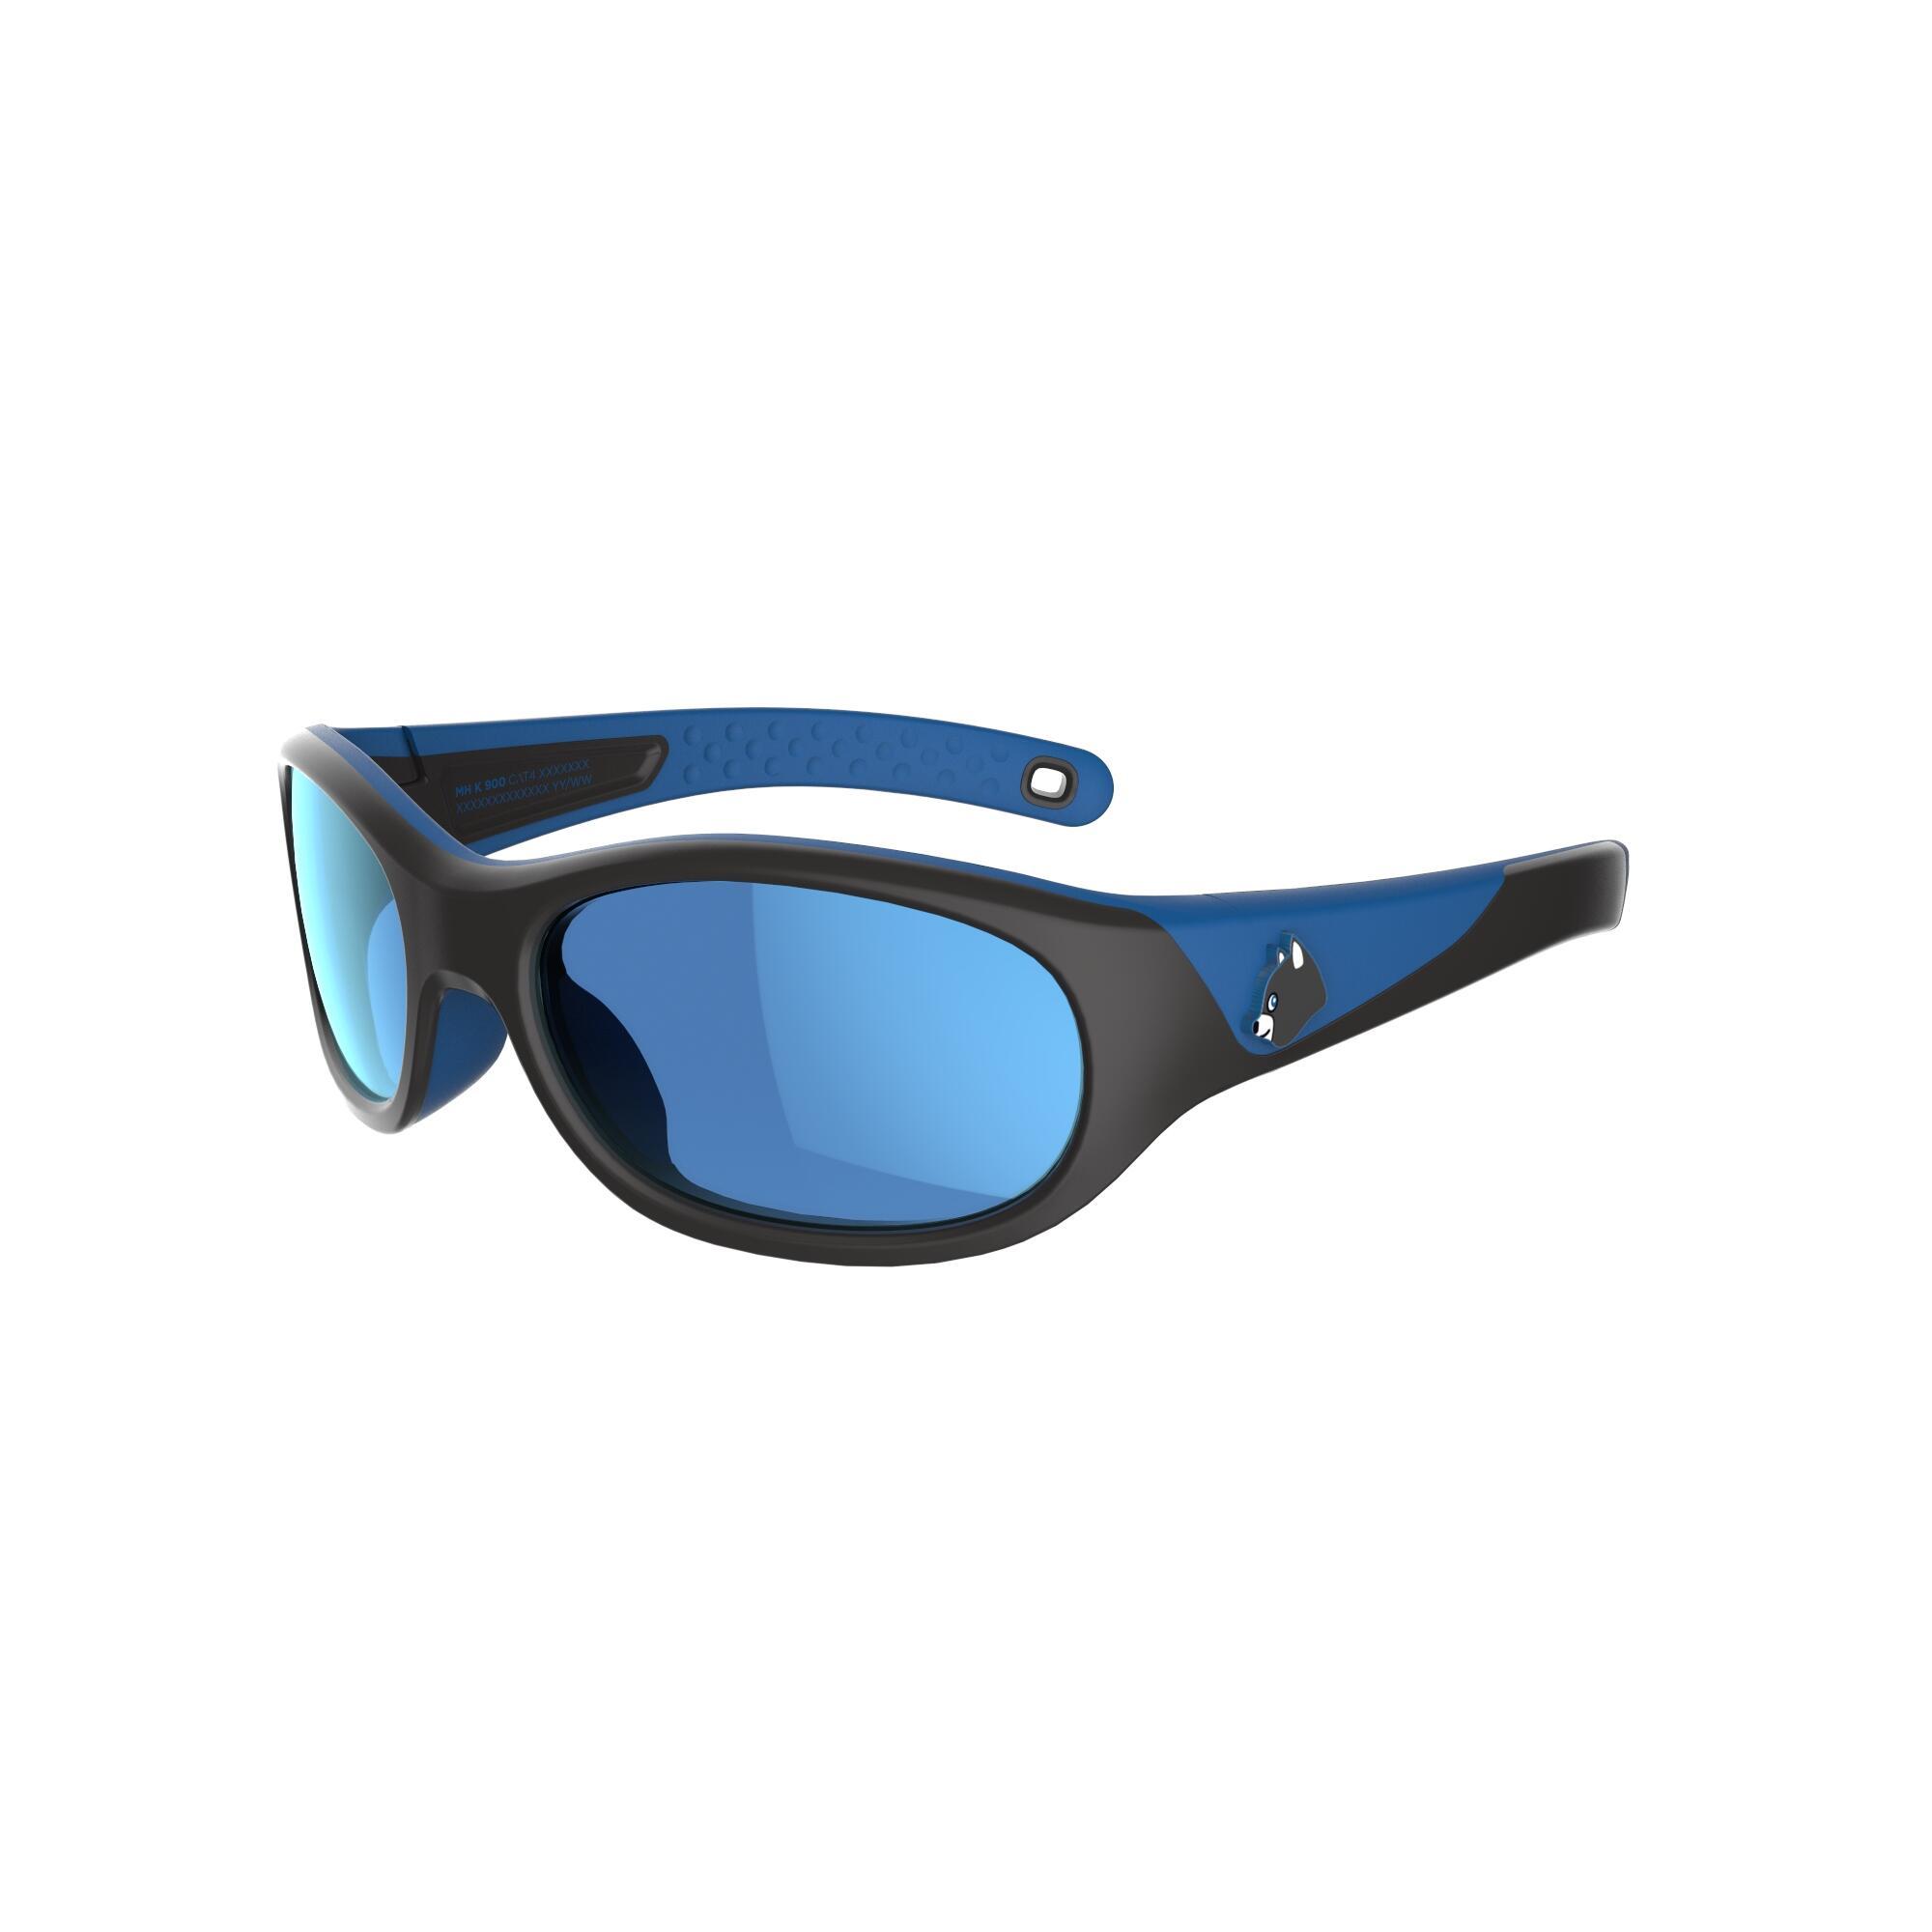 Lentes de sol de senderismo niños 4-6 años MH K 900 azul/negro categoría 4